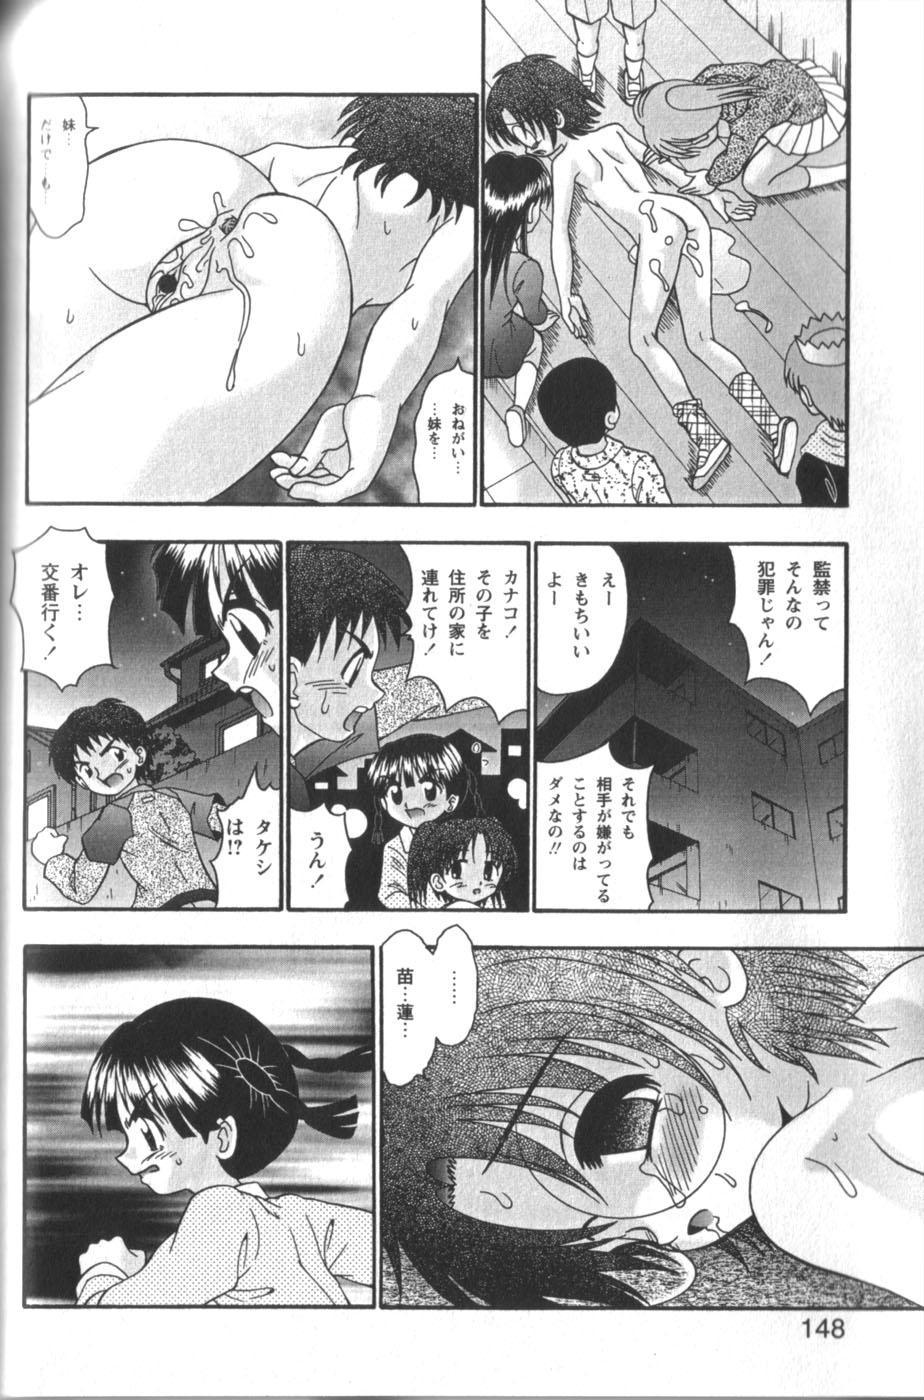 Tachiirikinshi no Ecchi Kichi 147